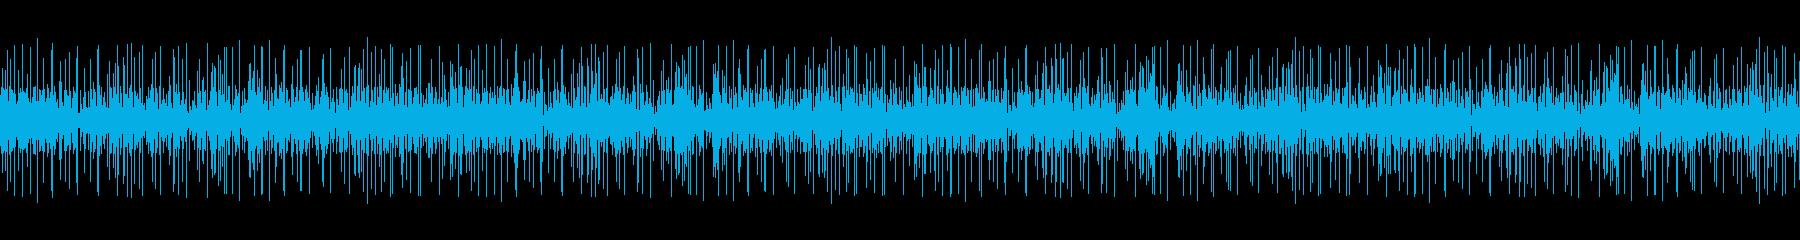 レコードノイズ:ノイズが強いバージョンの再生済みの波形